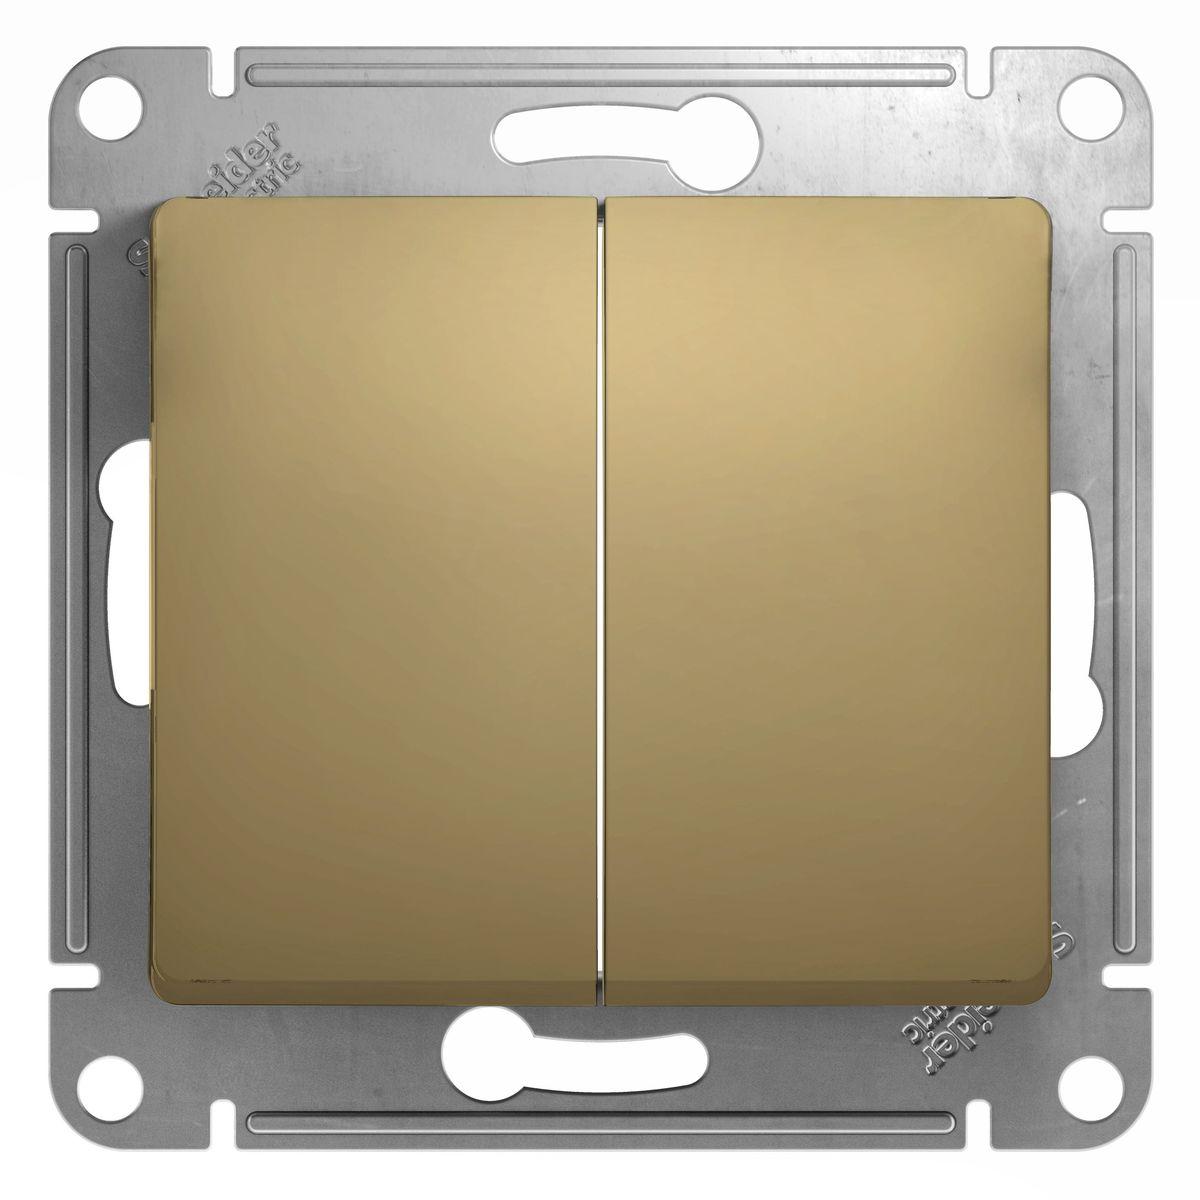 Выключатель Schneider Electric Glossa, двойной, цвет: титанGSL000451Двойной выключатель Schneider Electric Glossa предназначен для скрытой установки. Изделие выполнено из прочного пластика и стали. Выключатель имеет специальные фиксаторы, которые не дают ему смещаться как при монтаже, так и в процессе эксплуатации. Винтовые зажимы кабеля обеспечивают надежную установку к электросети с помощью отвертки. Такой выключатель станет удачным решением для дома и дачи.